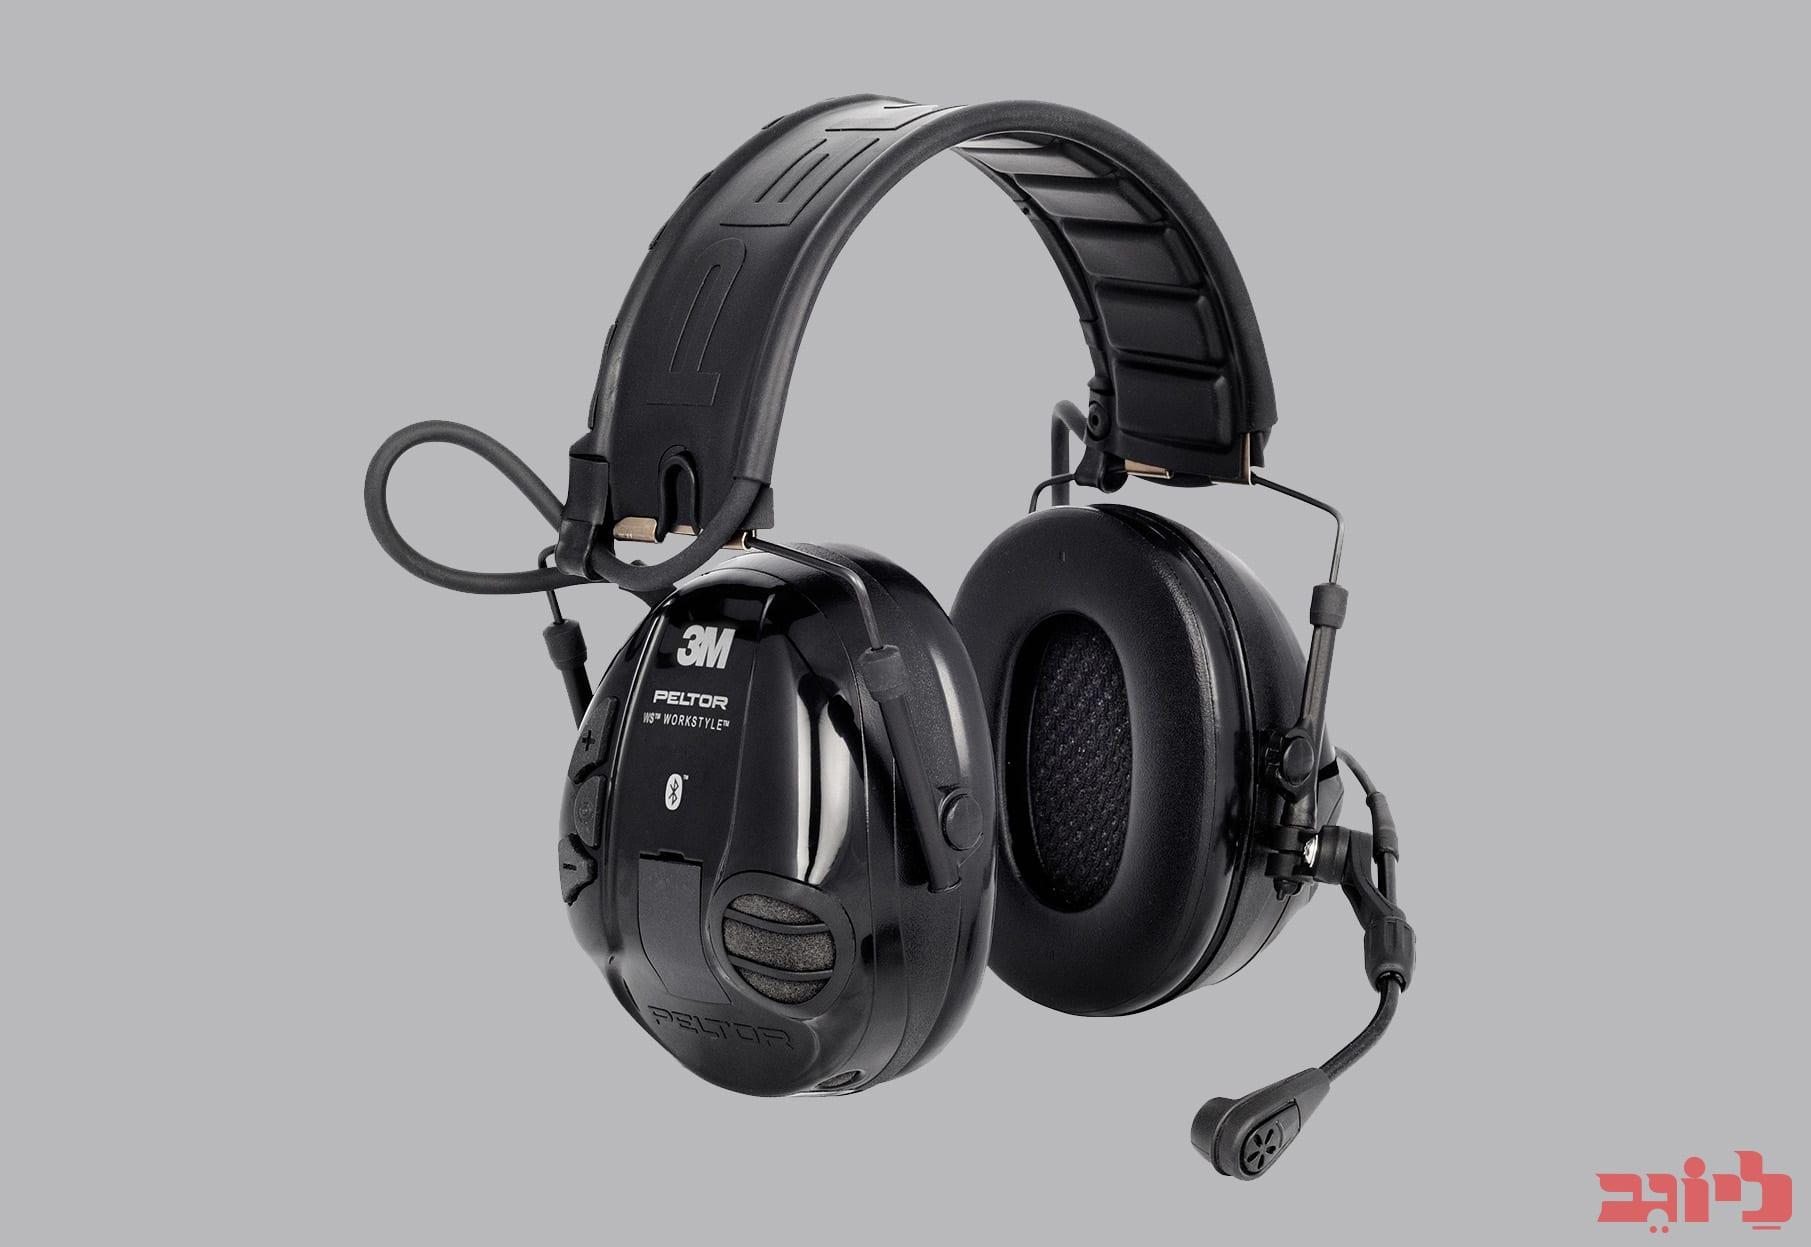 אוזניות הגנה עם חיבור בלוטוס